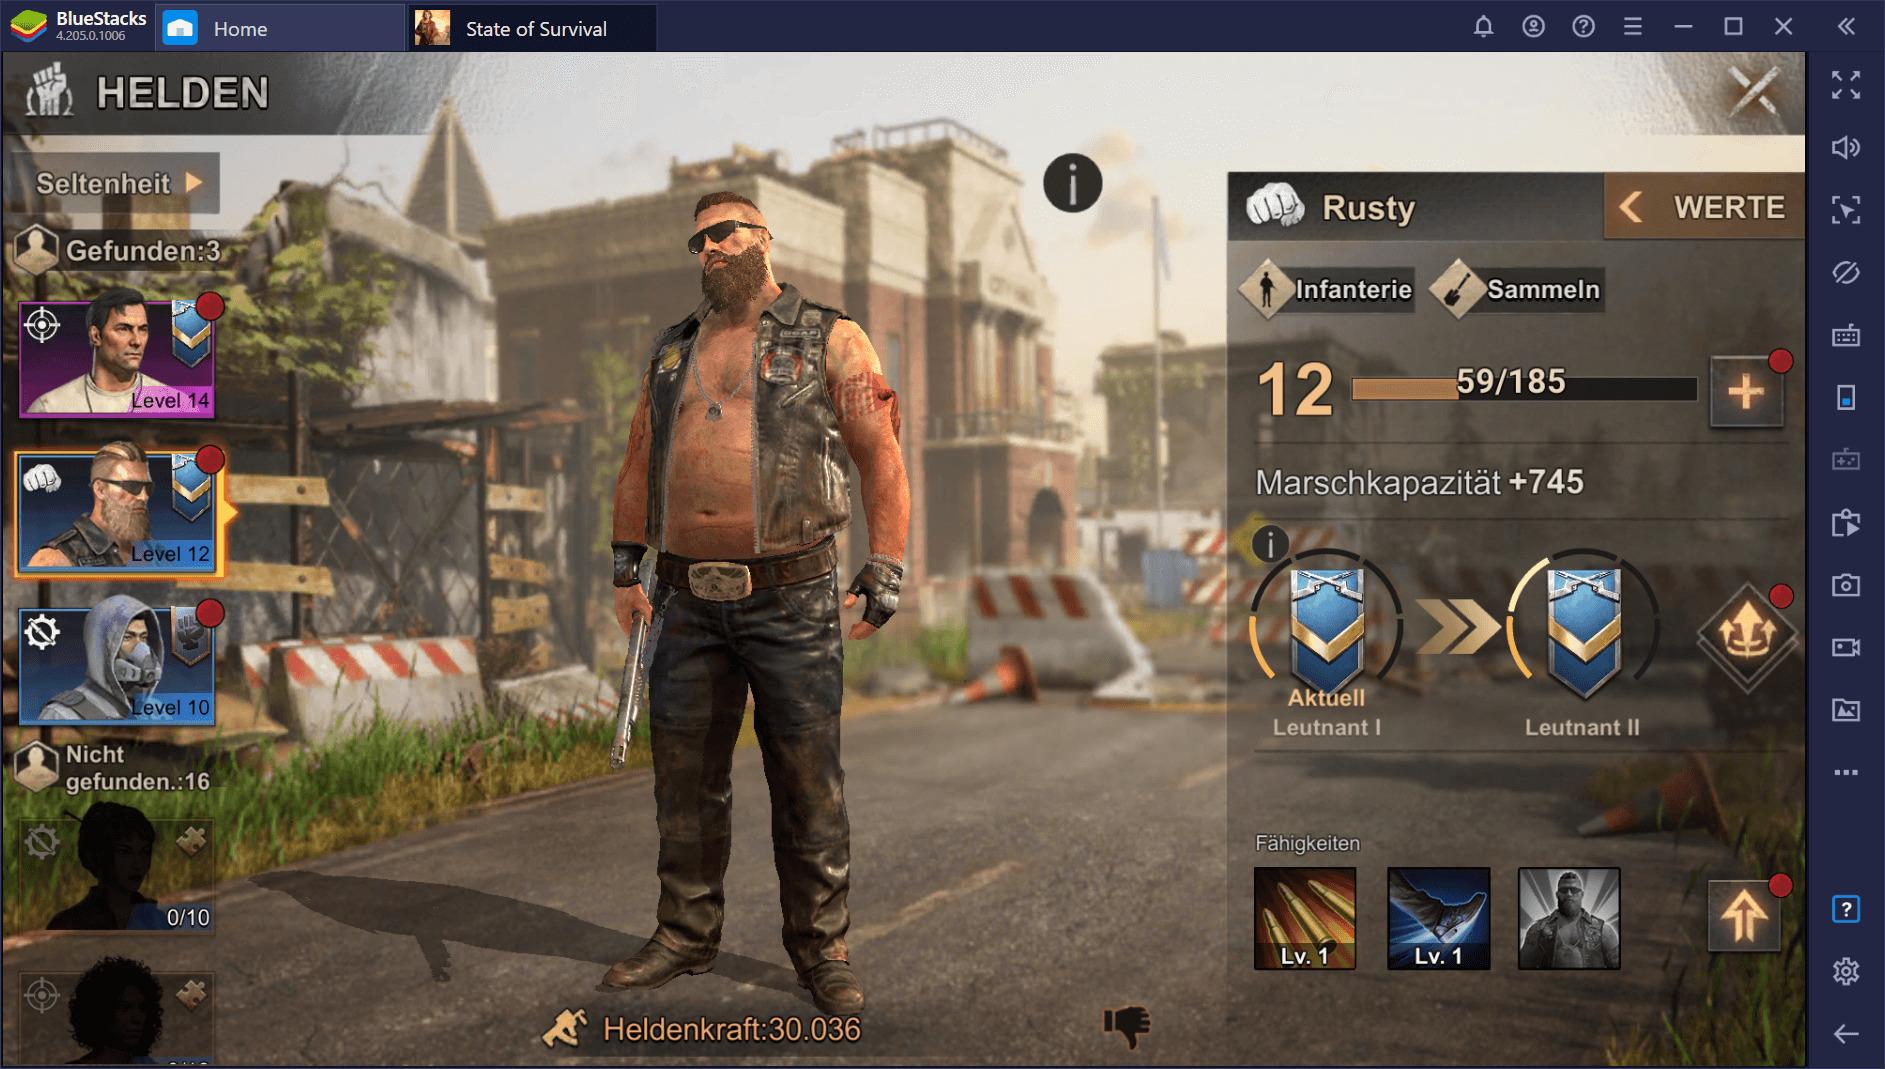 State of Survival auf dem PC: So steigerst du schnell deine Kampfkraft